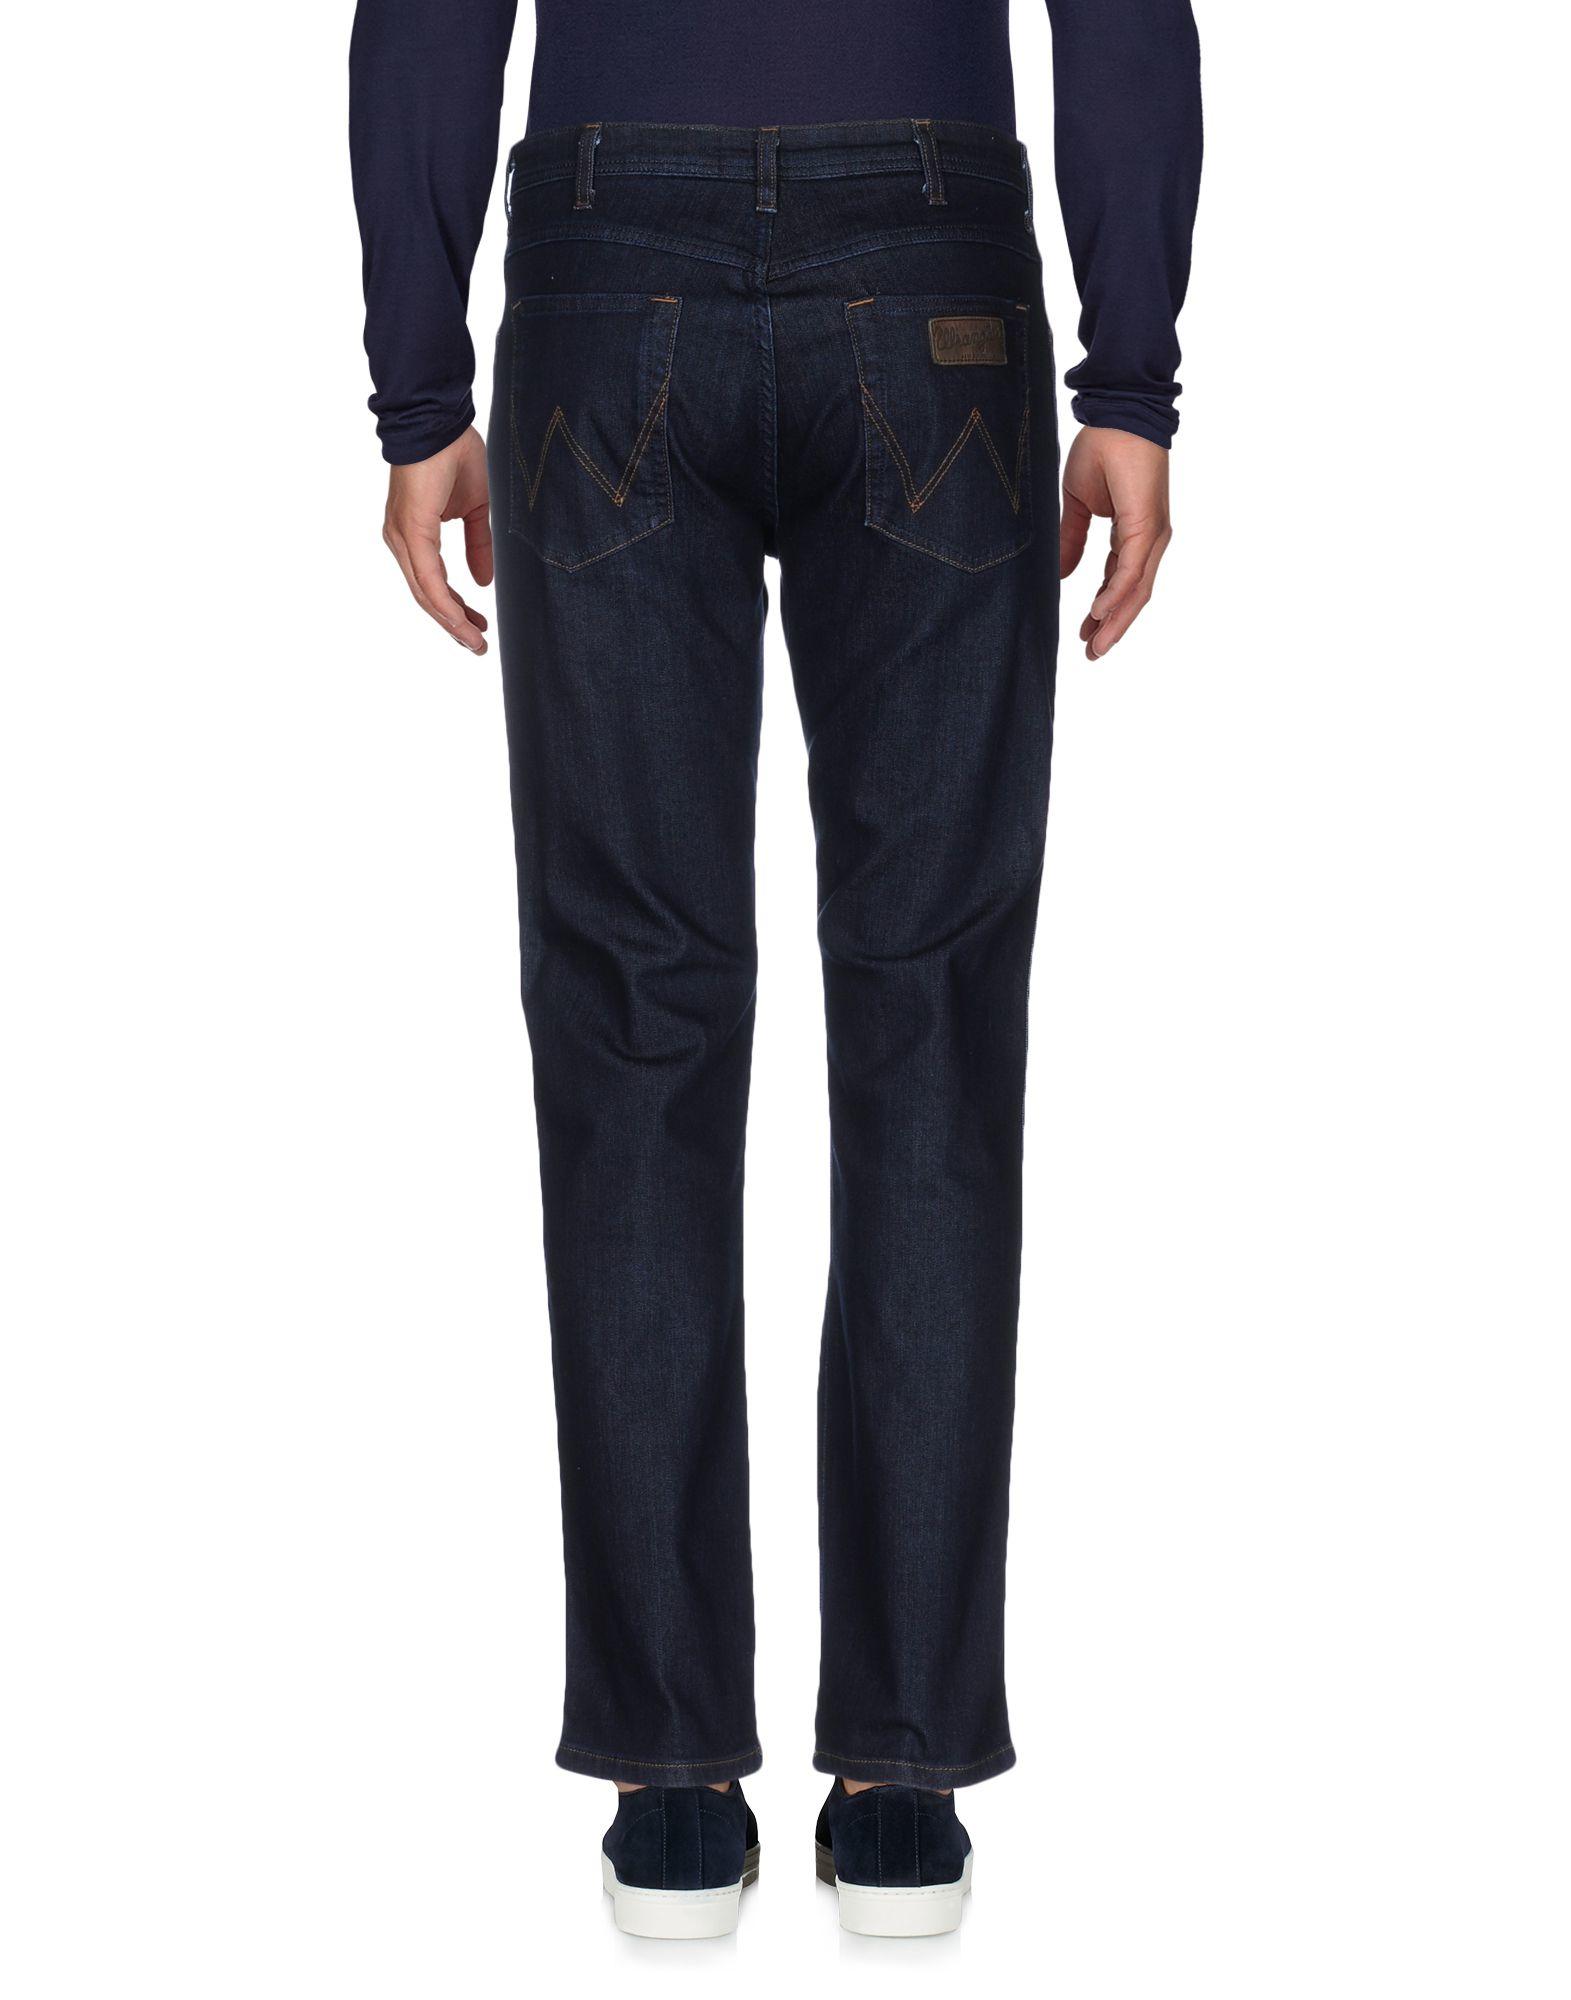 Lyst wrangler denim pants in black for men for Wrangler denim shirts uk